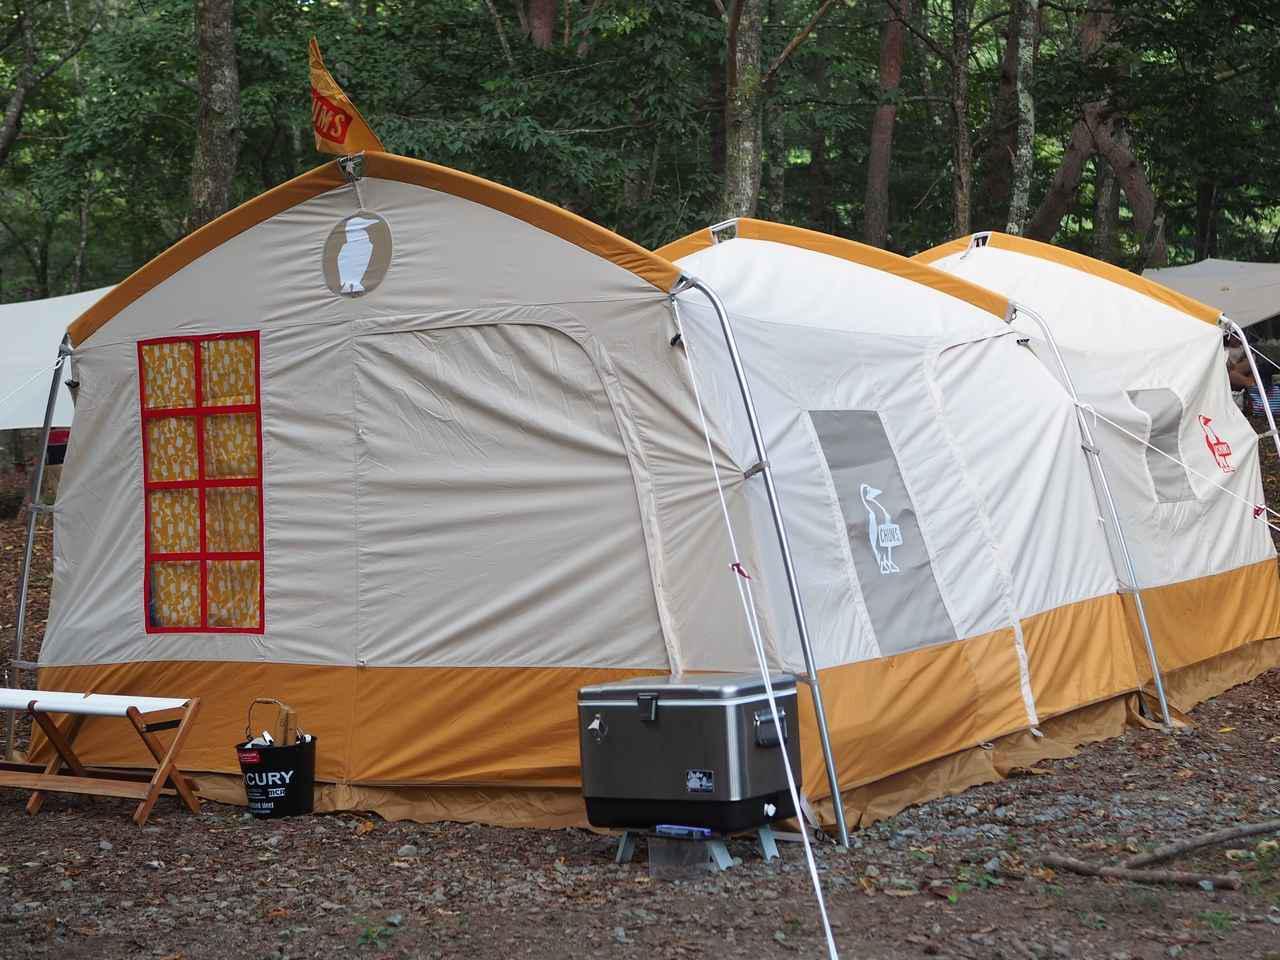 画像: ファミリーにおすすめ! CHUMS(チャムス)の「コヤテントT/C5」は自然の中に家を建てたみたいな快適テントだった! - ハピキャン|キャンプ・アウトドア情報メディア